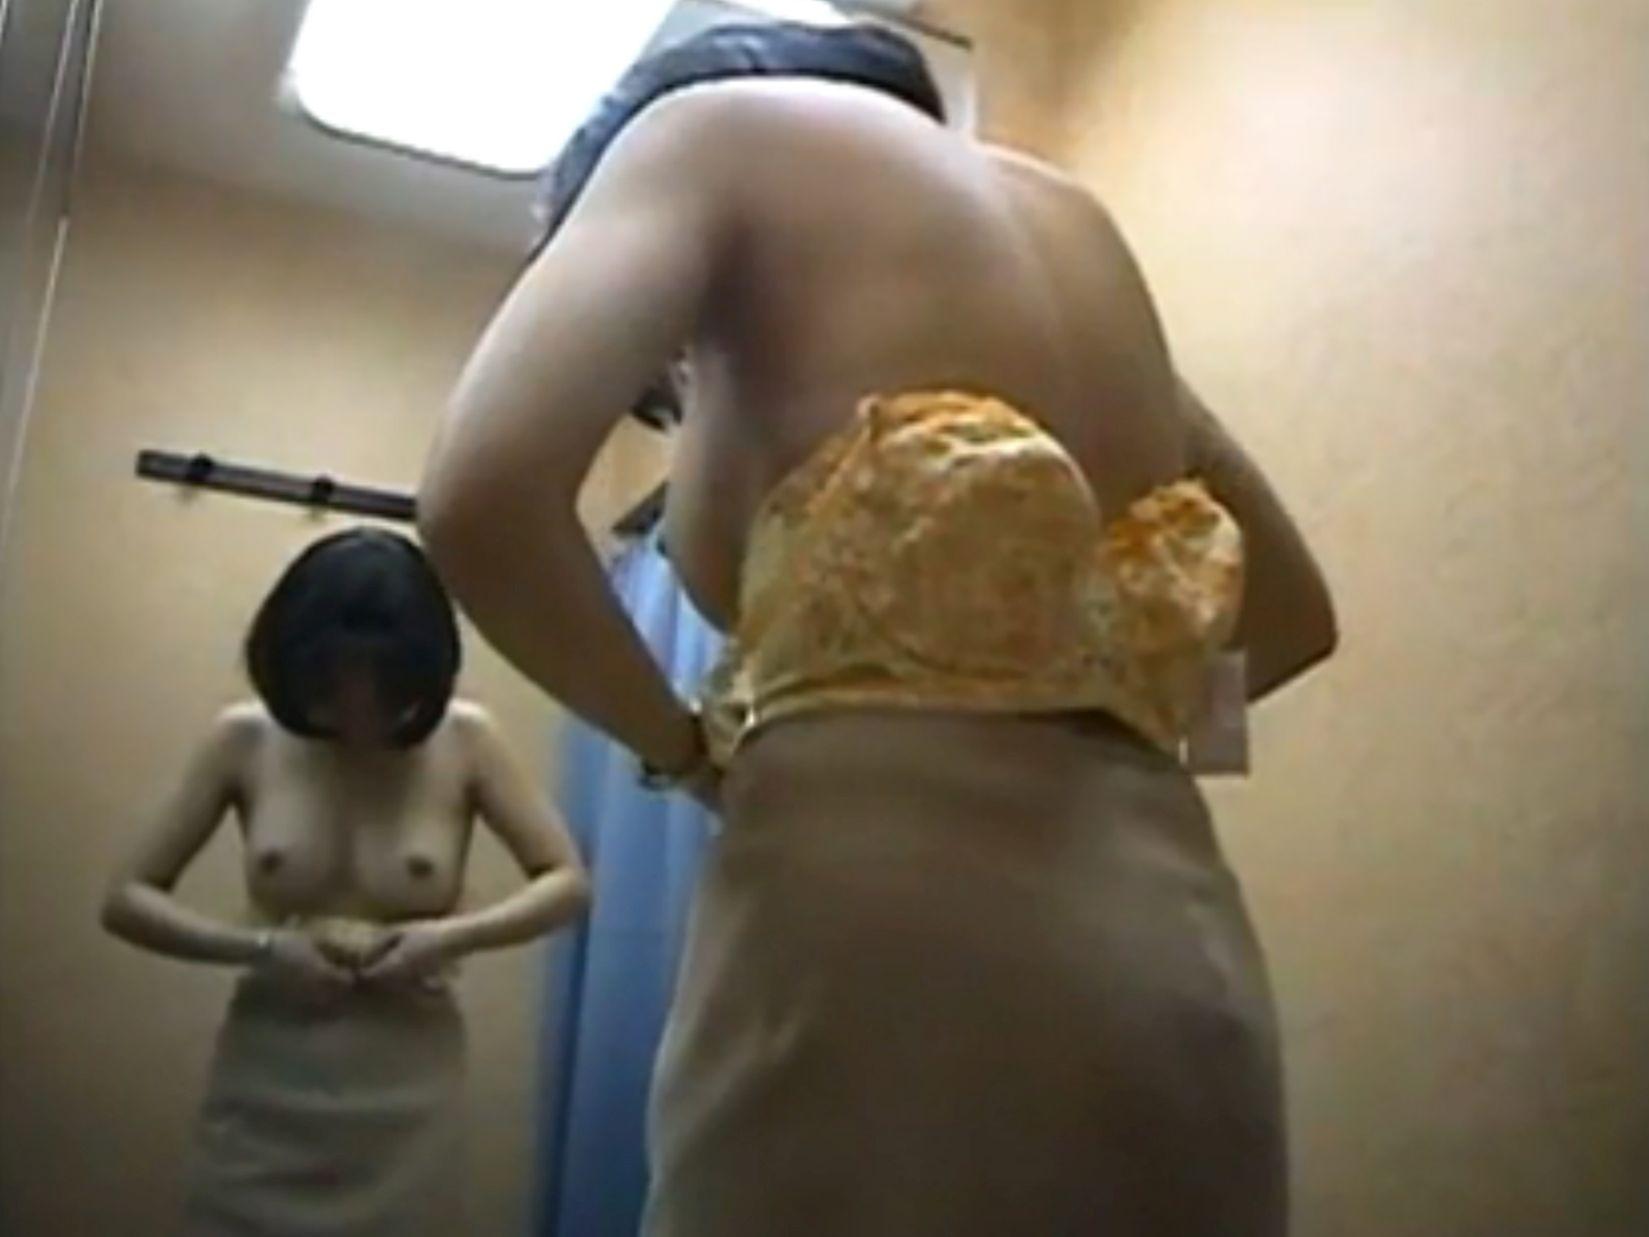 更衣室内の生着替え盗撮画像がガチで生々しすぎるんだが・・・・・(画像22枚)・10枚目